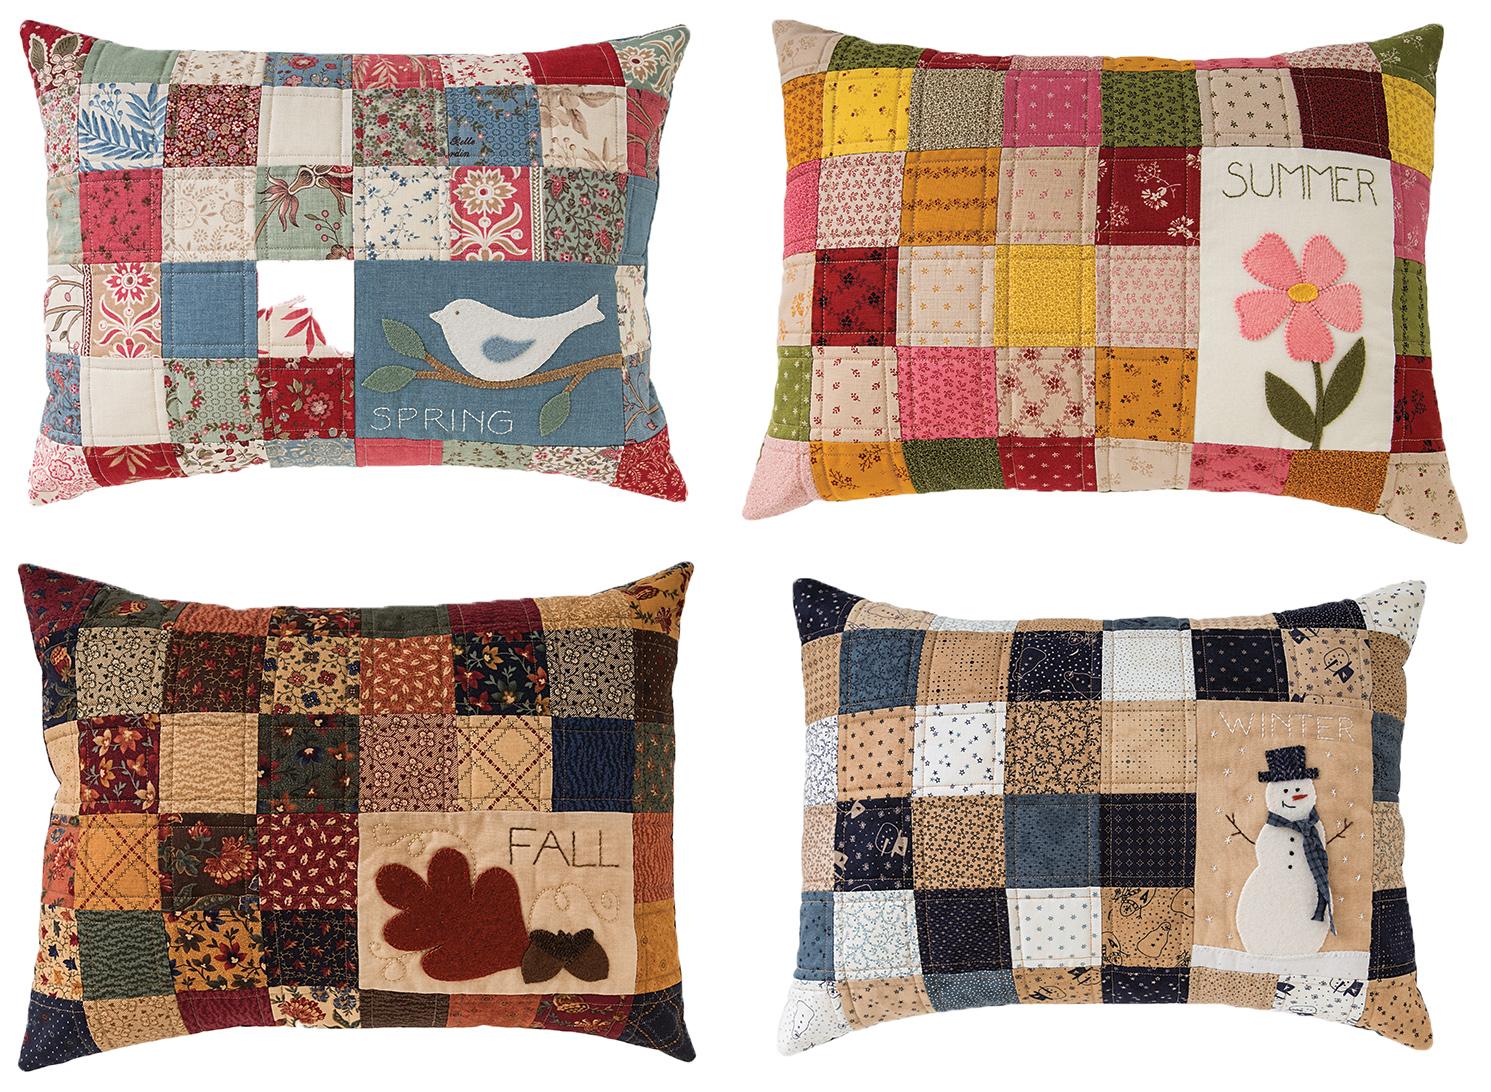 113089-pillows.jpg